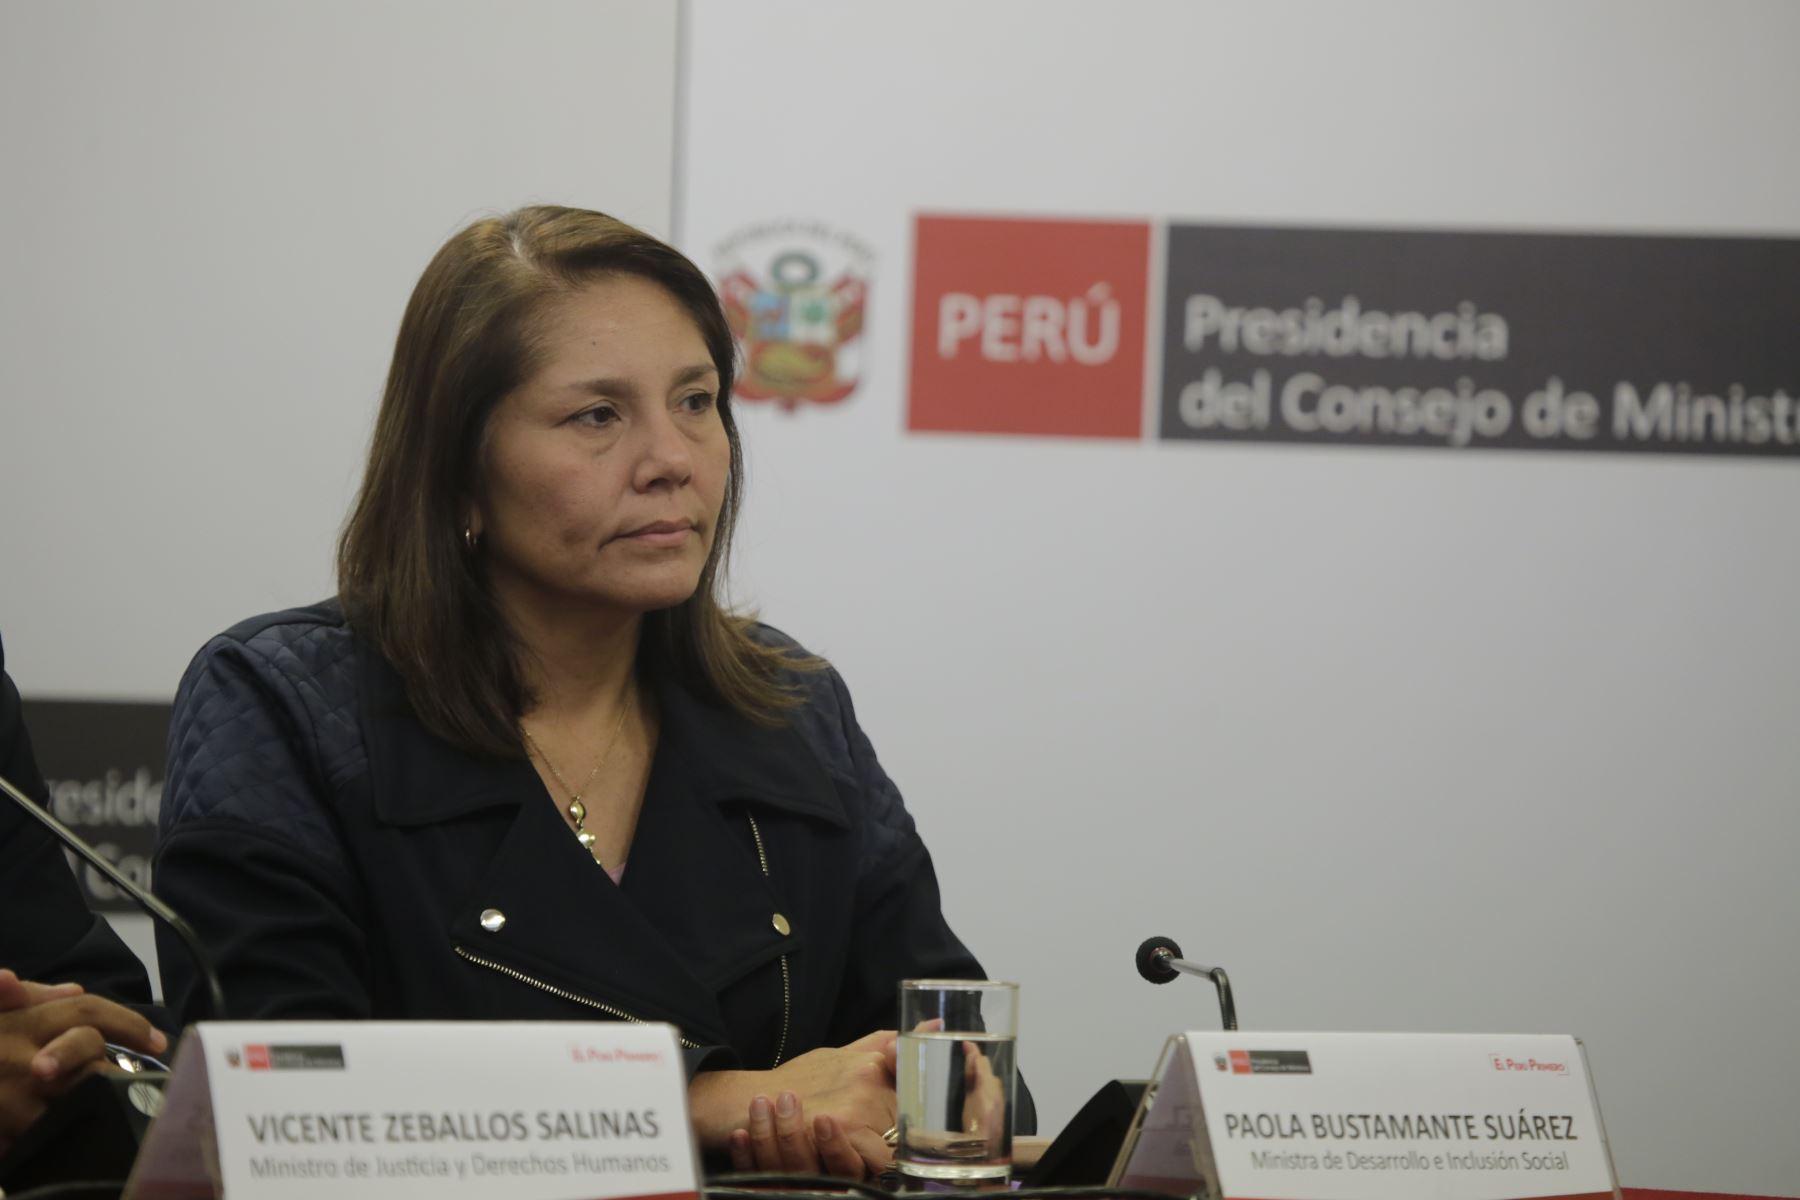 Conferencia de prensa de la Ministra de Inclusión Social - MIDIS junto al  primer ministro, Salvador del Solar. Foto: ANDINA/PCM